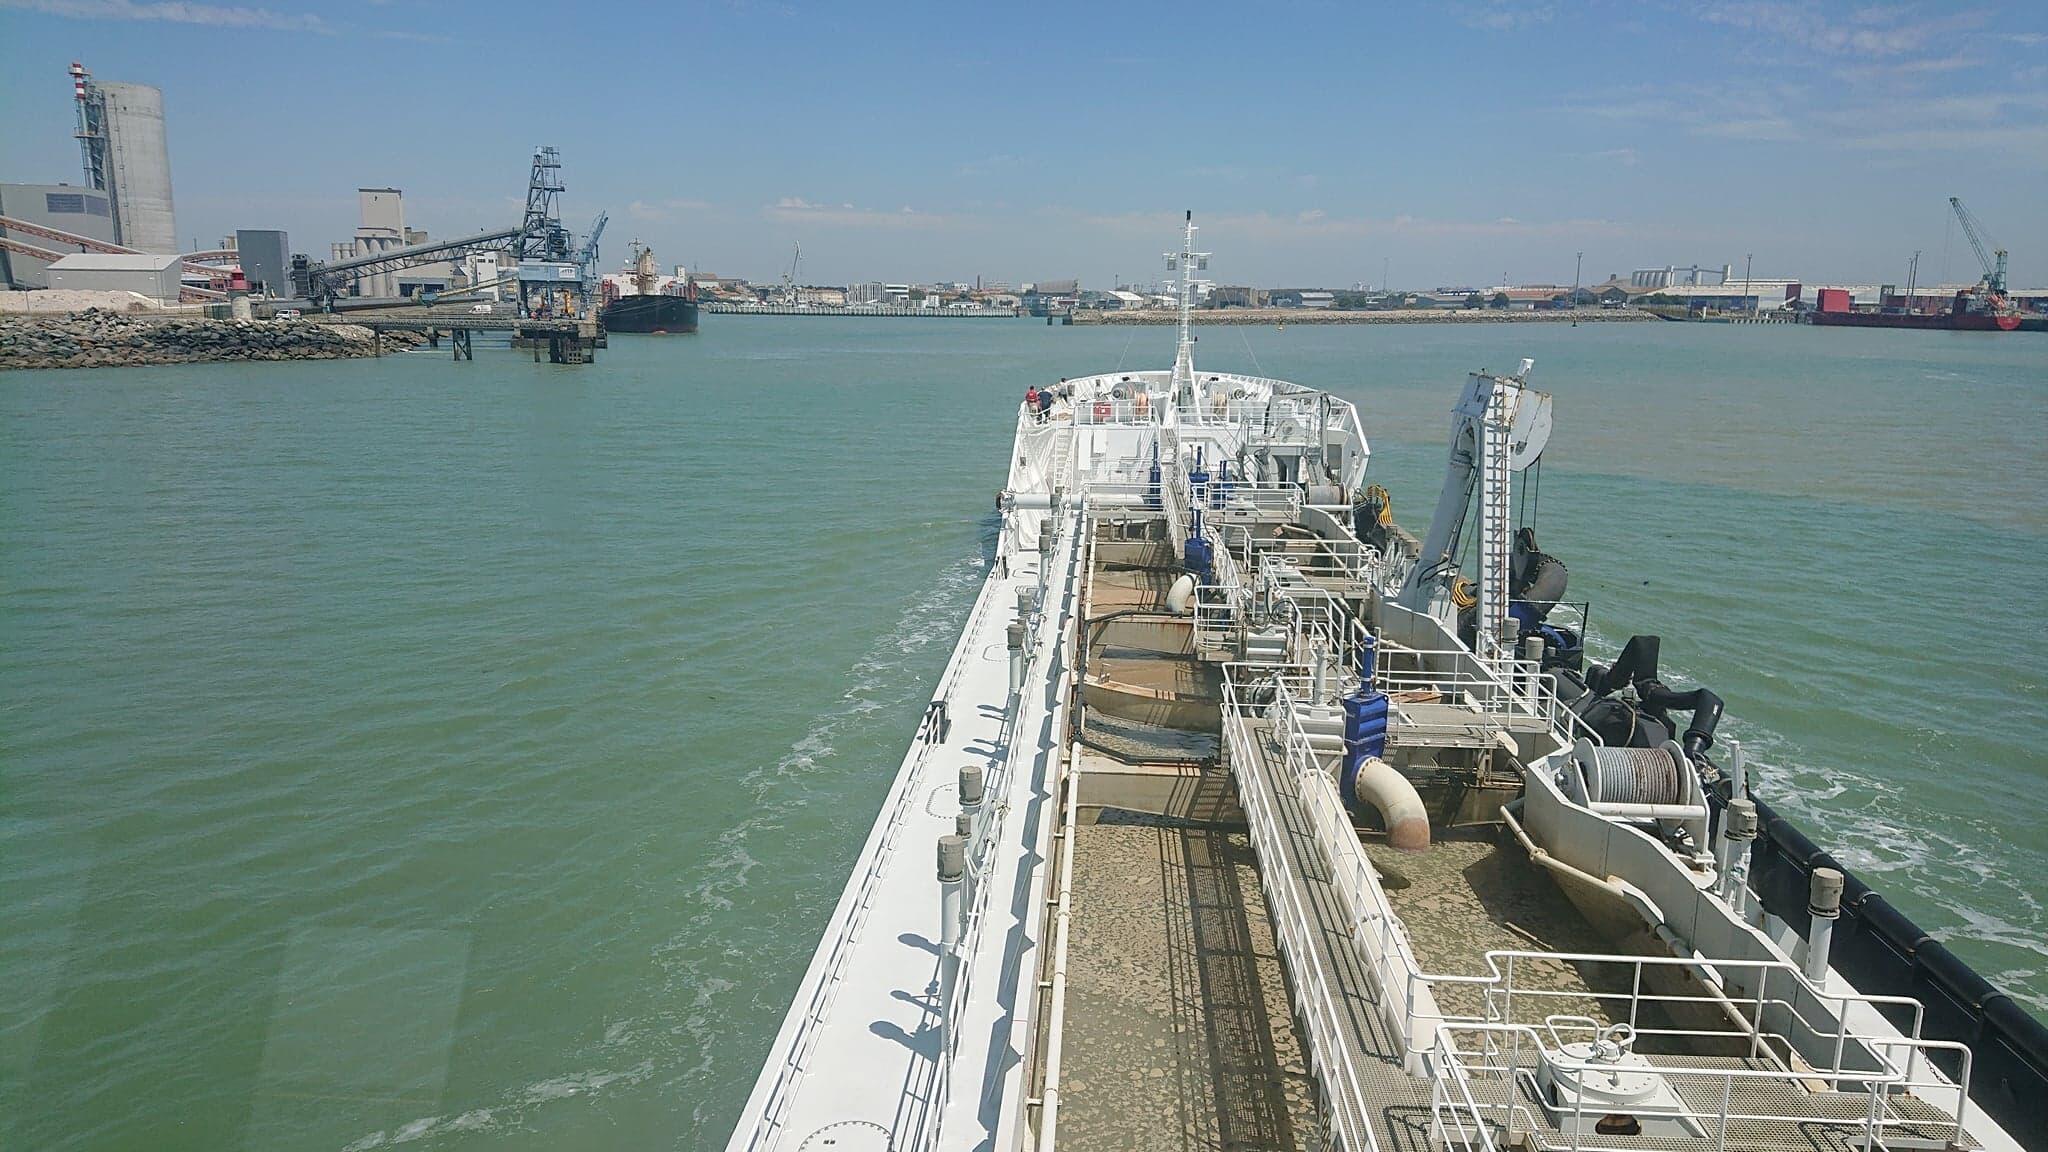 À bord du navire sablier Stellamaris, une vue de La Rochelle dans l'ouest de la France.